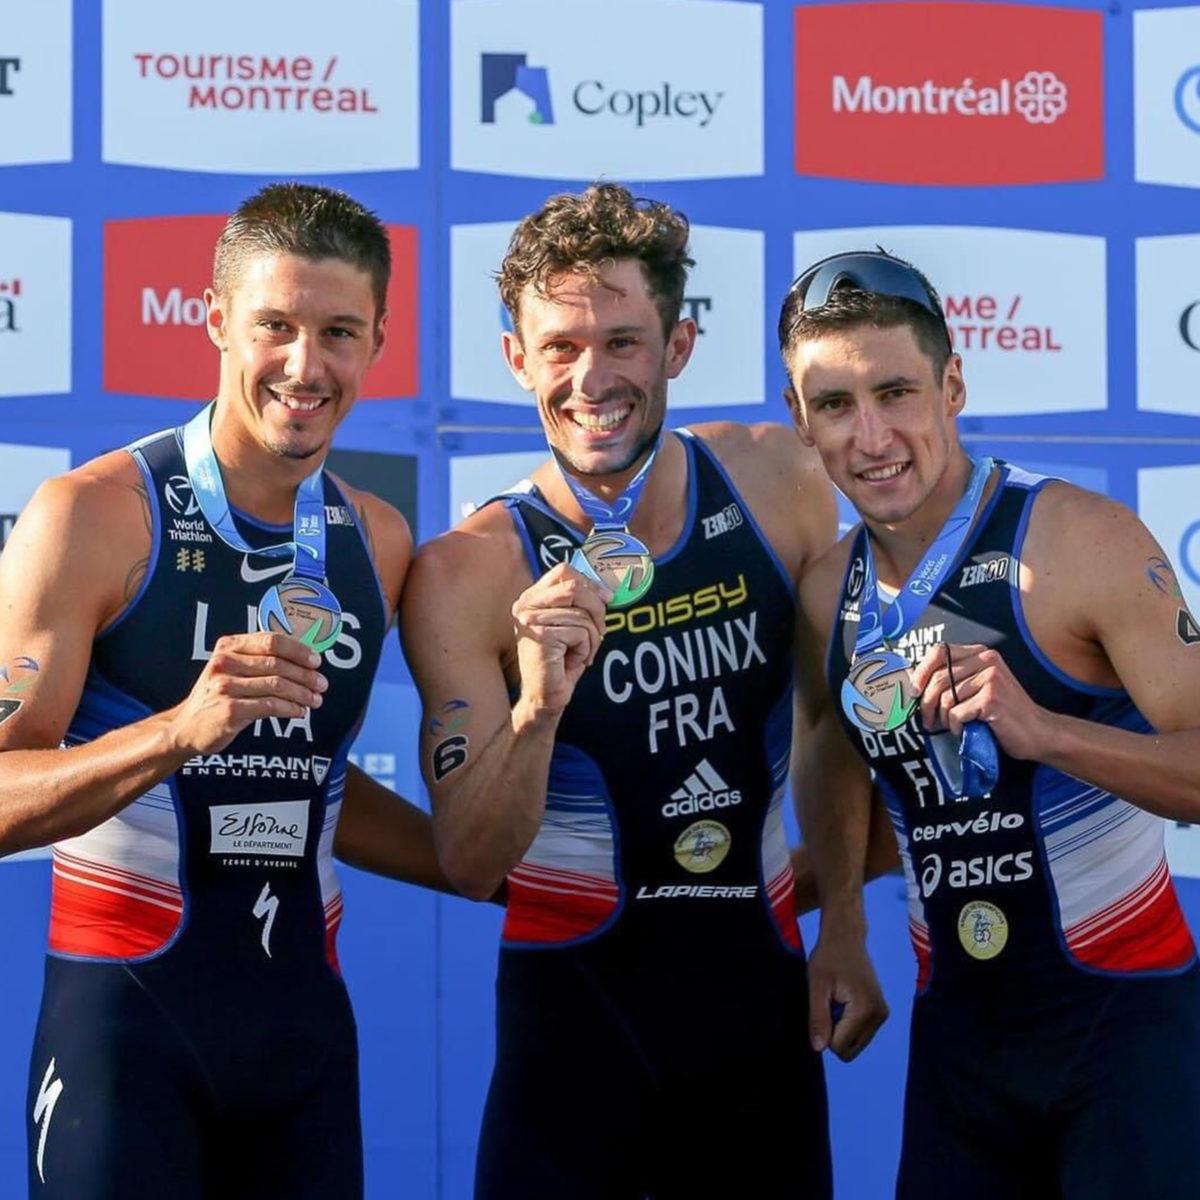 A successful week-end for Hutchinson triathlon athletes